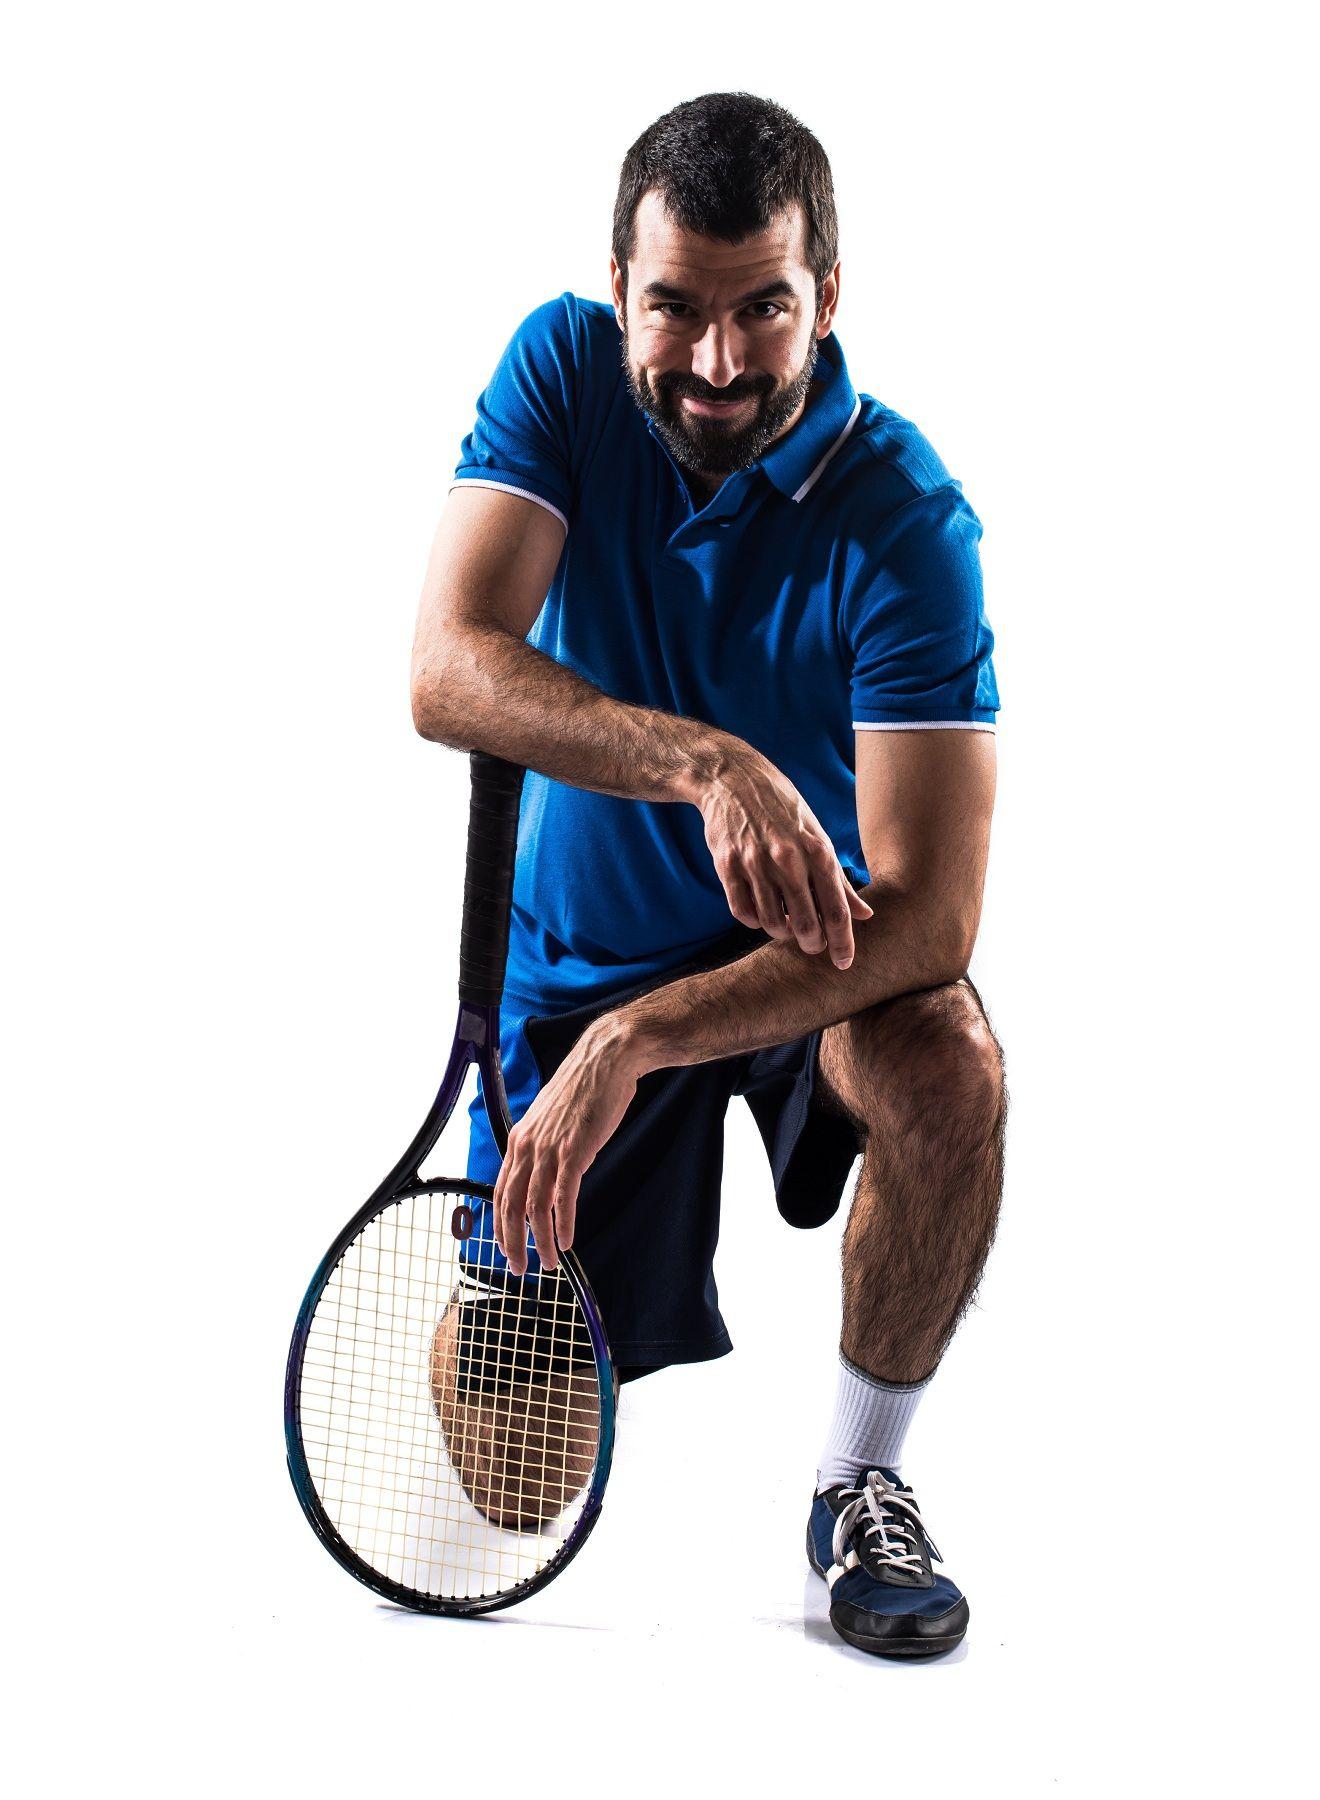 Équipements indispensables pour jouer au tennis. Meilleurs